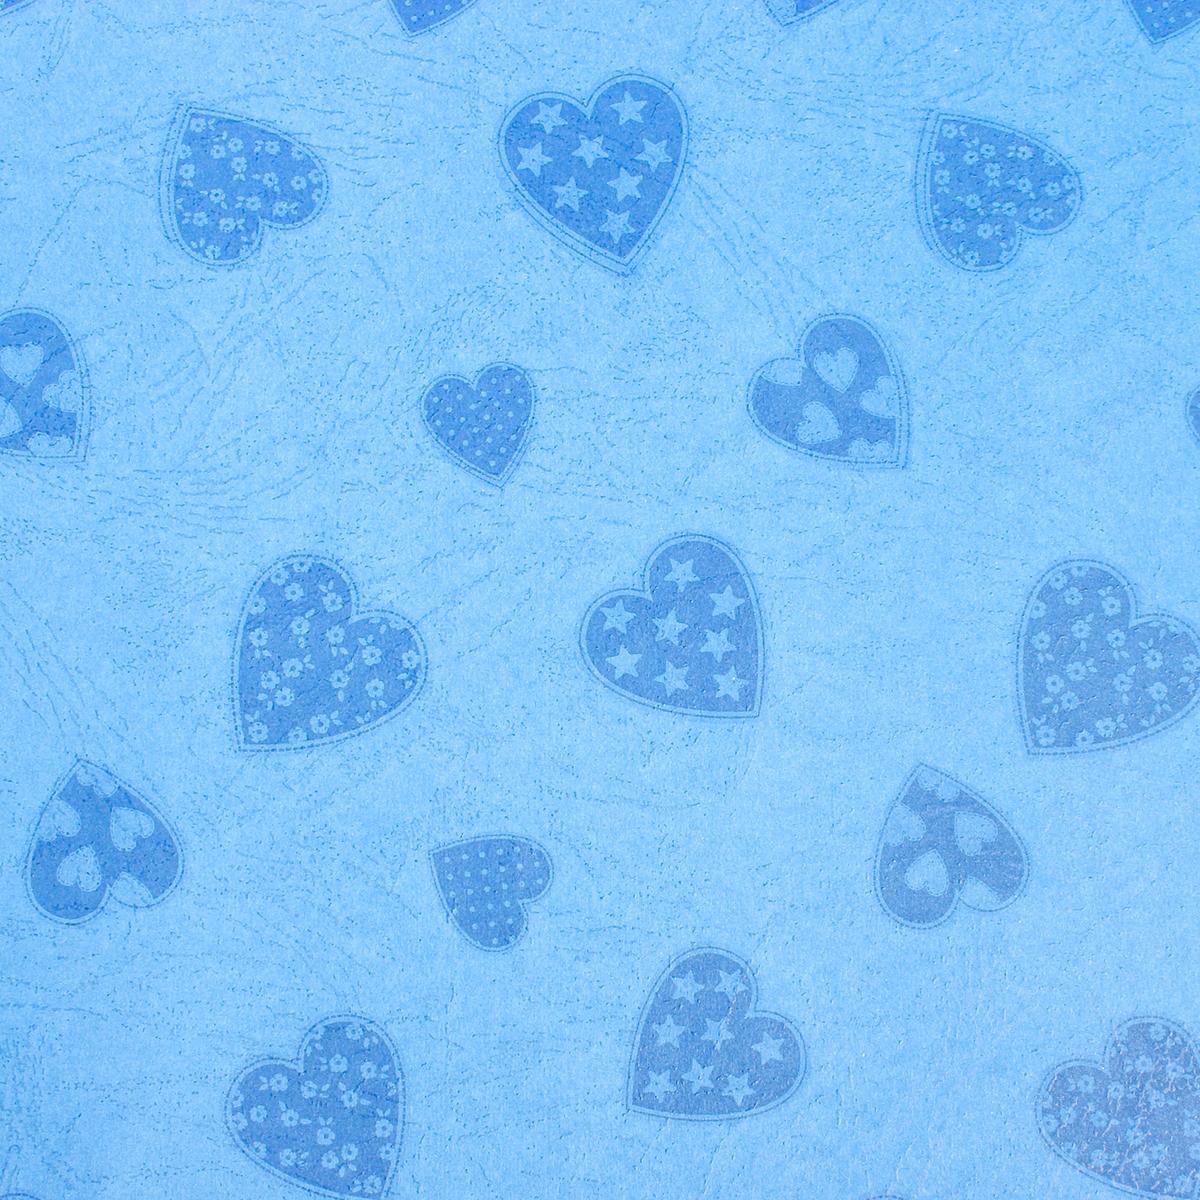 Бумага упаковочная Сердца на синем, 50 х 70 см. 26546272654627Любой подарок начинается с упаковки. Что может быть трогательнее и волшебнее, чем ритуал разворачивания полученного презента. И именно оригинальная, со вкусом выбранная упаковка выделит ваш подарок из массы других. Она продемонстрирует самые тёплые чувства к виновнику торжества и создаст сказочную атмосферу праздника. Бумага упаковочная Сердца на синем, 50 см х 70 см — это то, что вы искали.